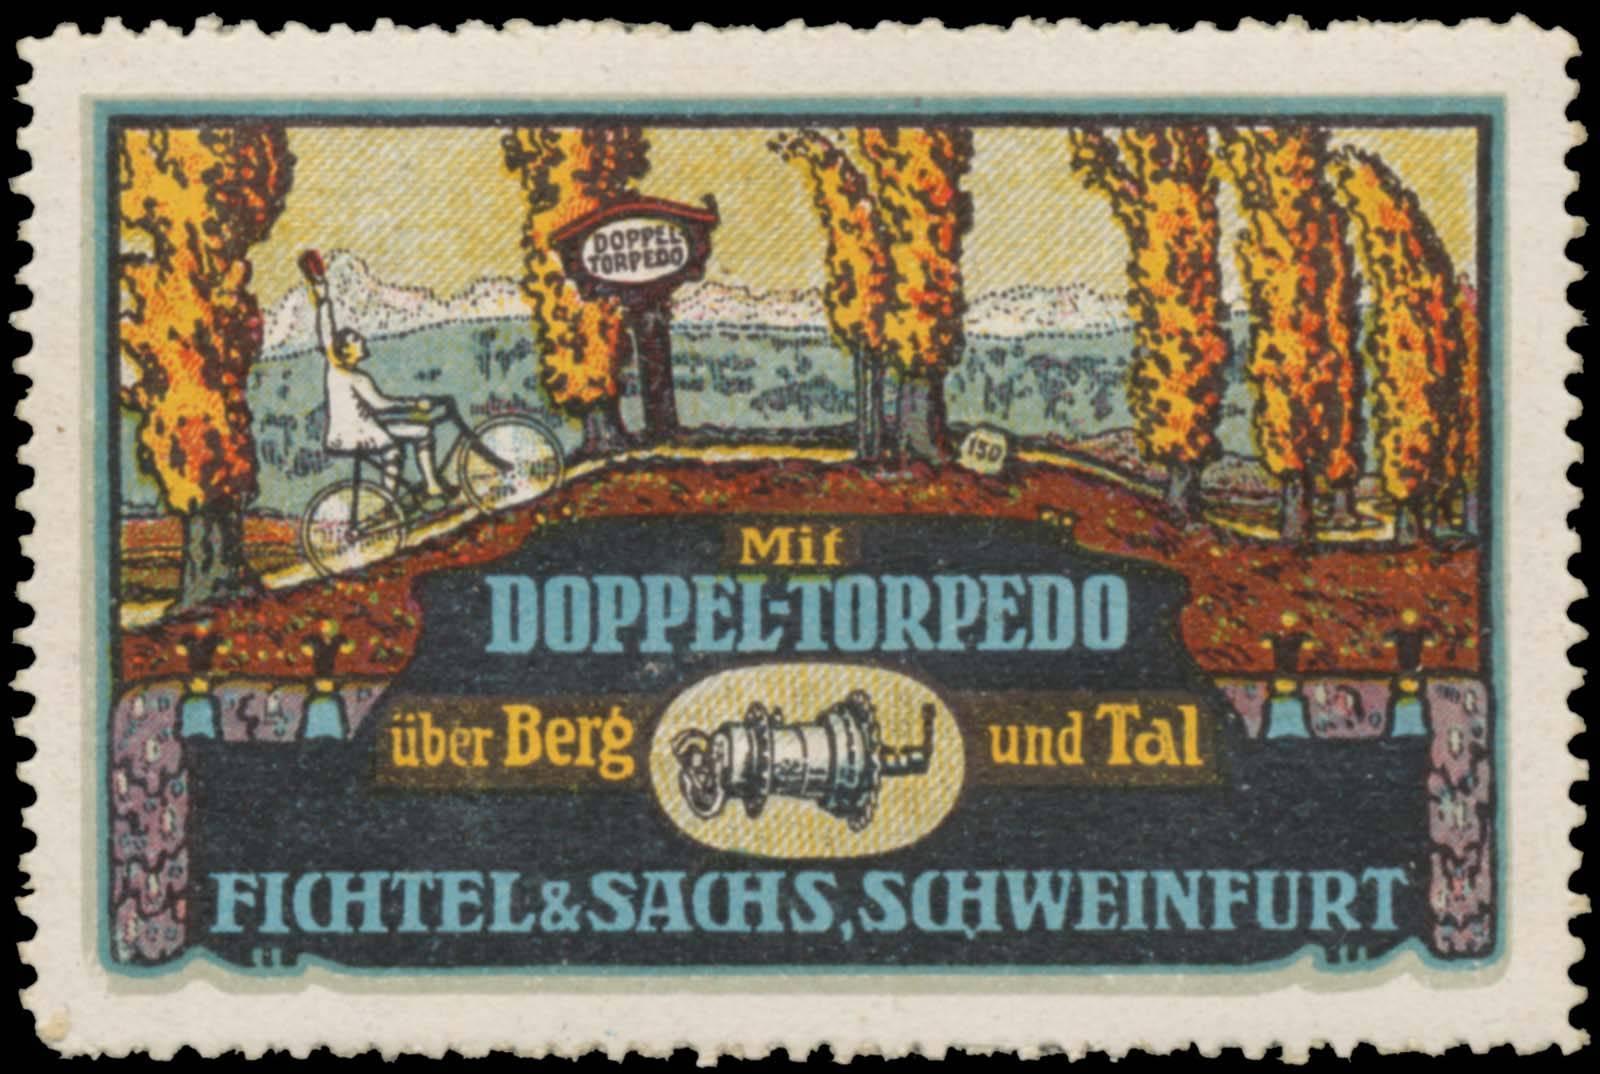 Reklamemarke Mit Doppel-Torpedo über Berg und Tal